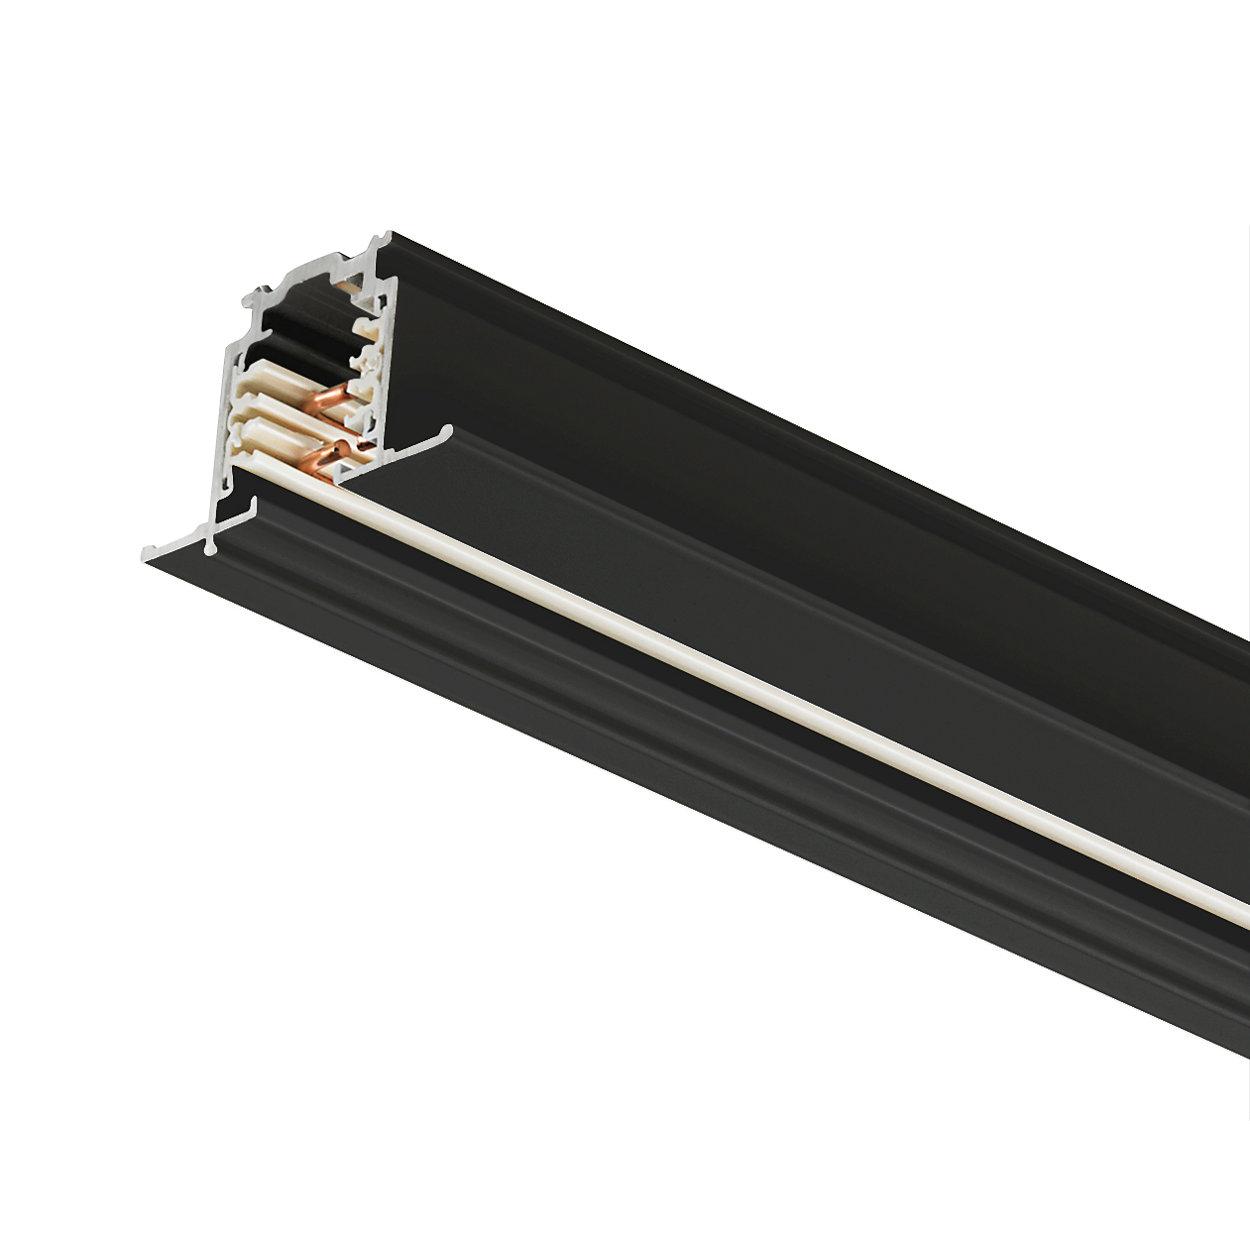 Firkantet DALI-skinne – fleksibilitet muliggør energibesparelser